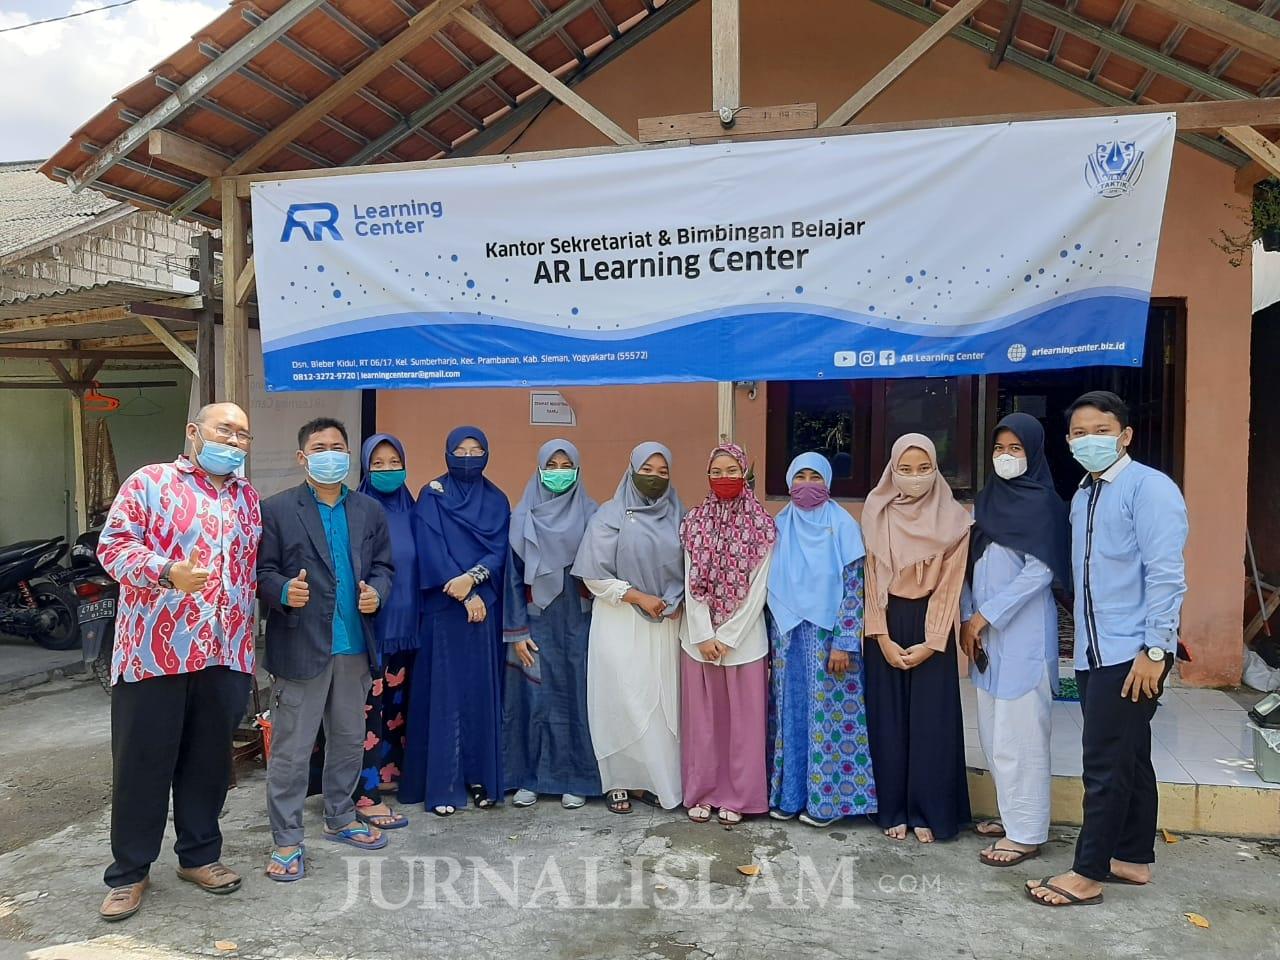 AR Learning Center dan Taklim Jurnalistik Secara Resmi Diluncurkan